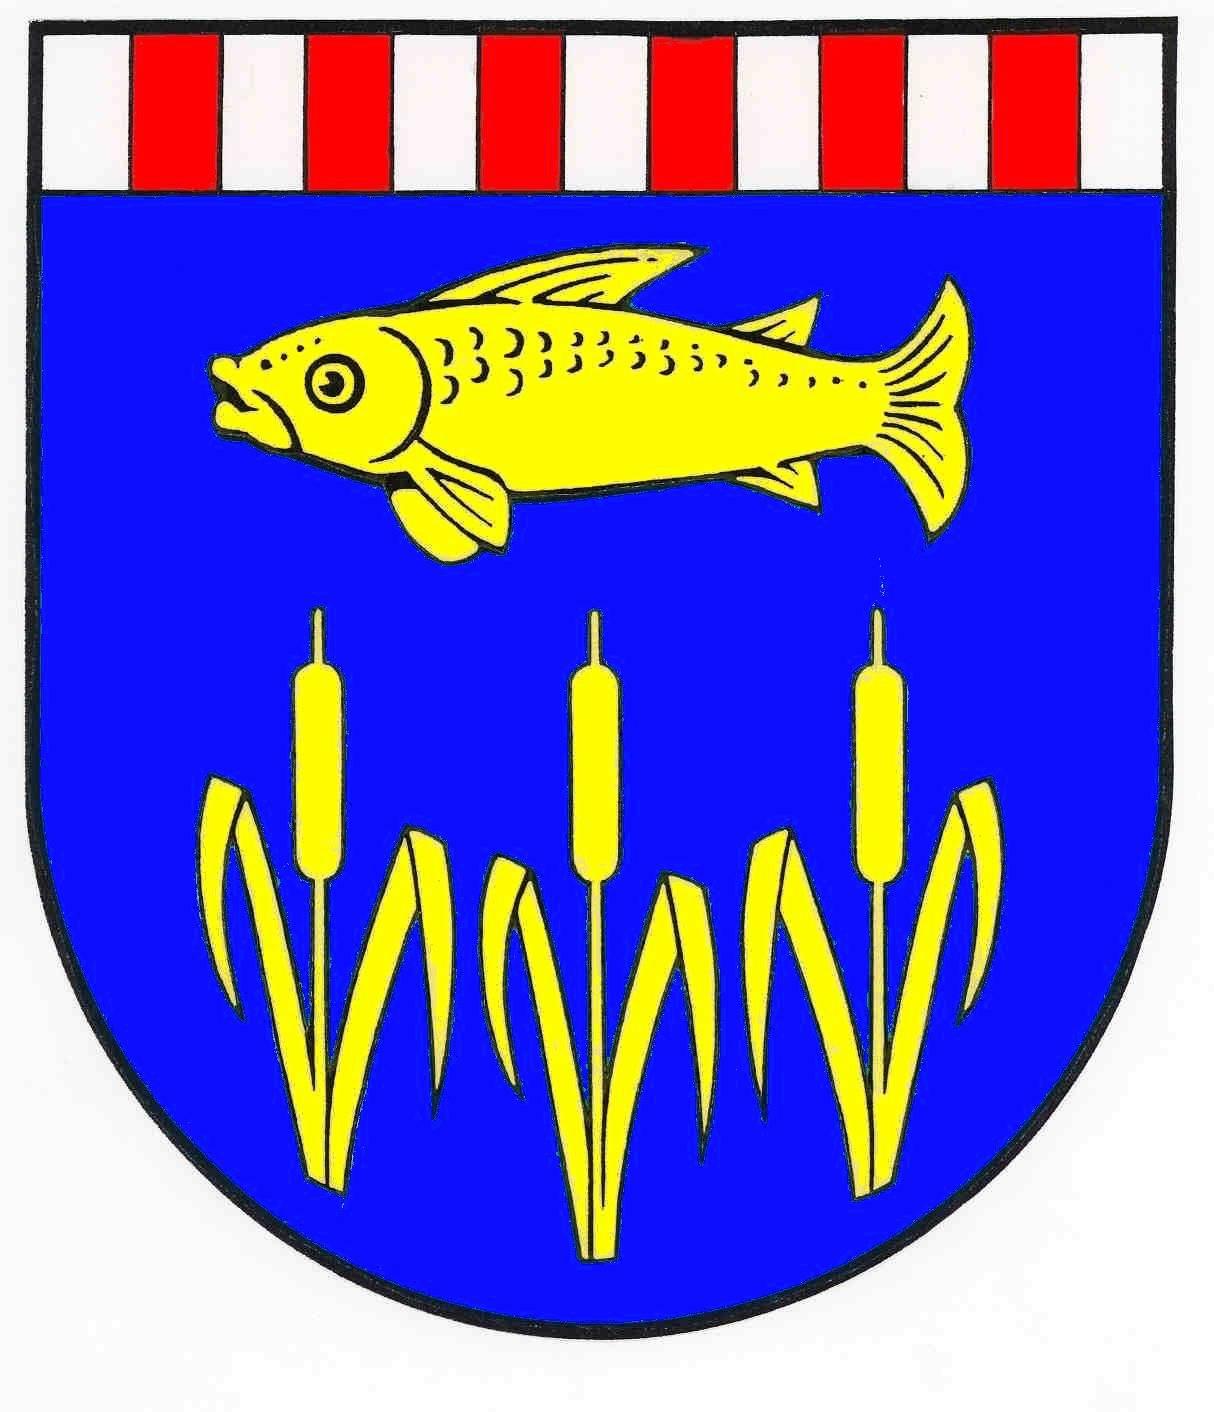 Wappen GemeindeAventoft, Kreis Nordfriesland